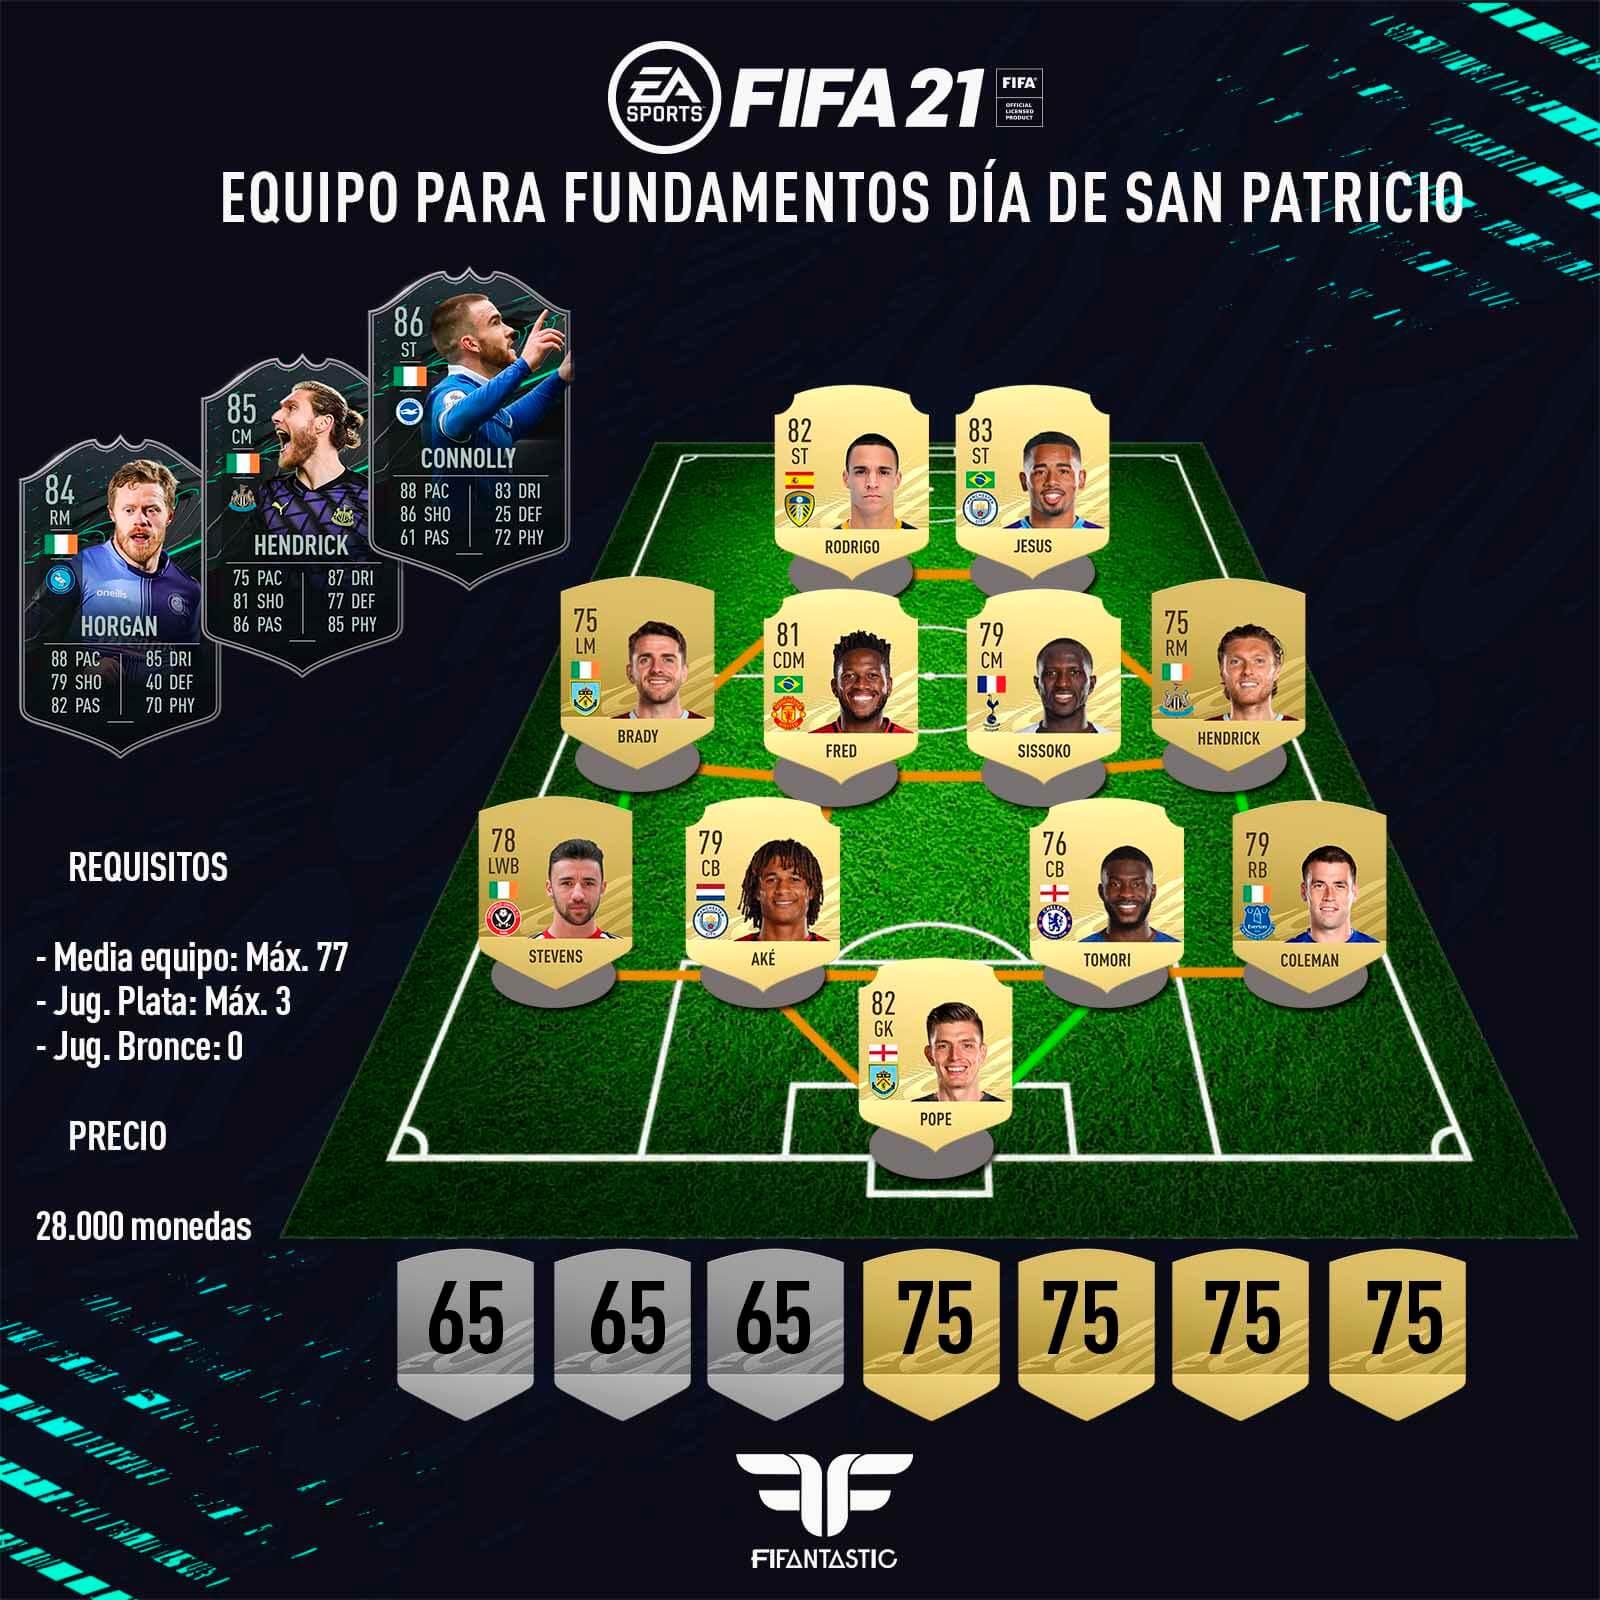 Equipo para los Fundamentos del Día de San Patricio de FIFA 21 Ultimate Team